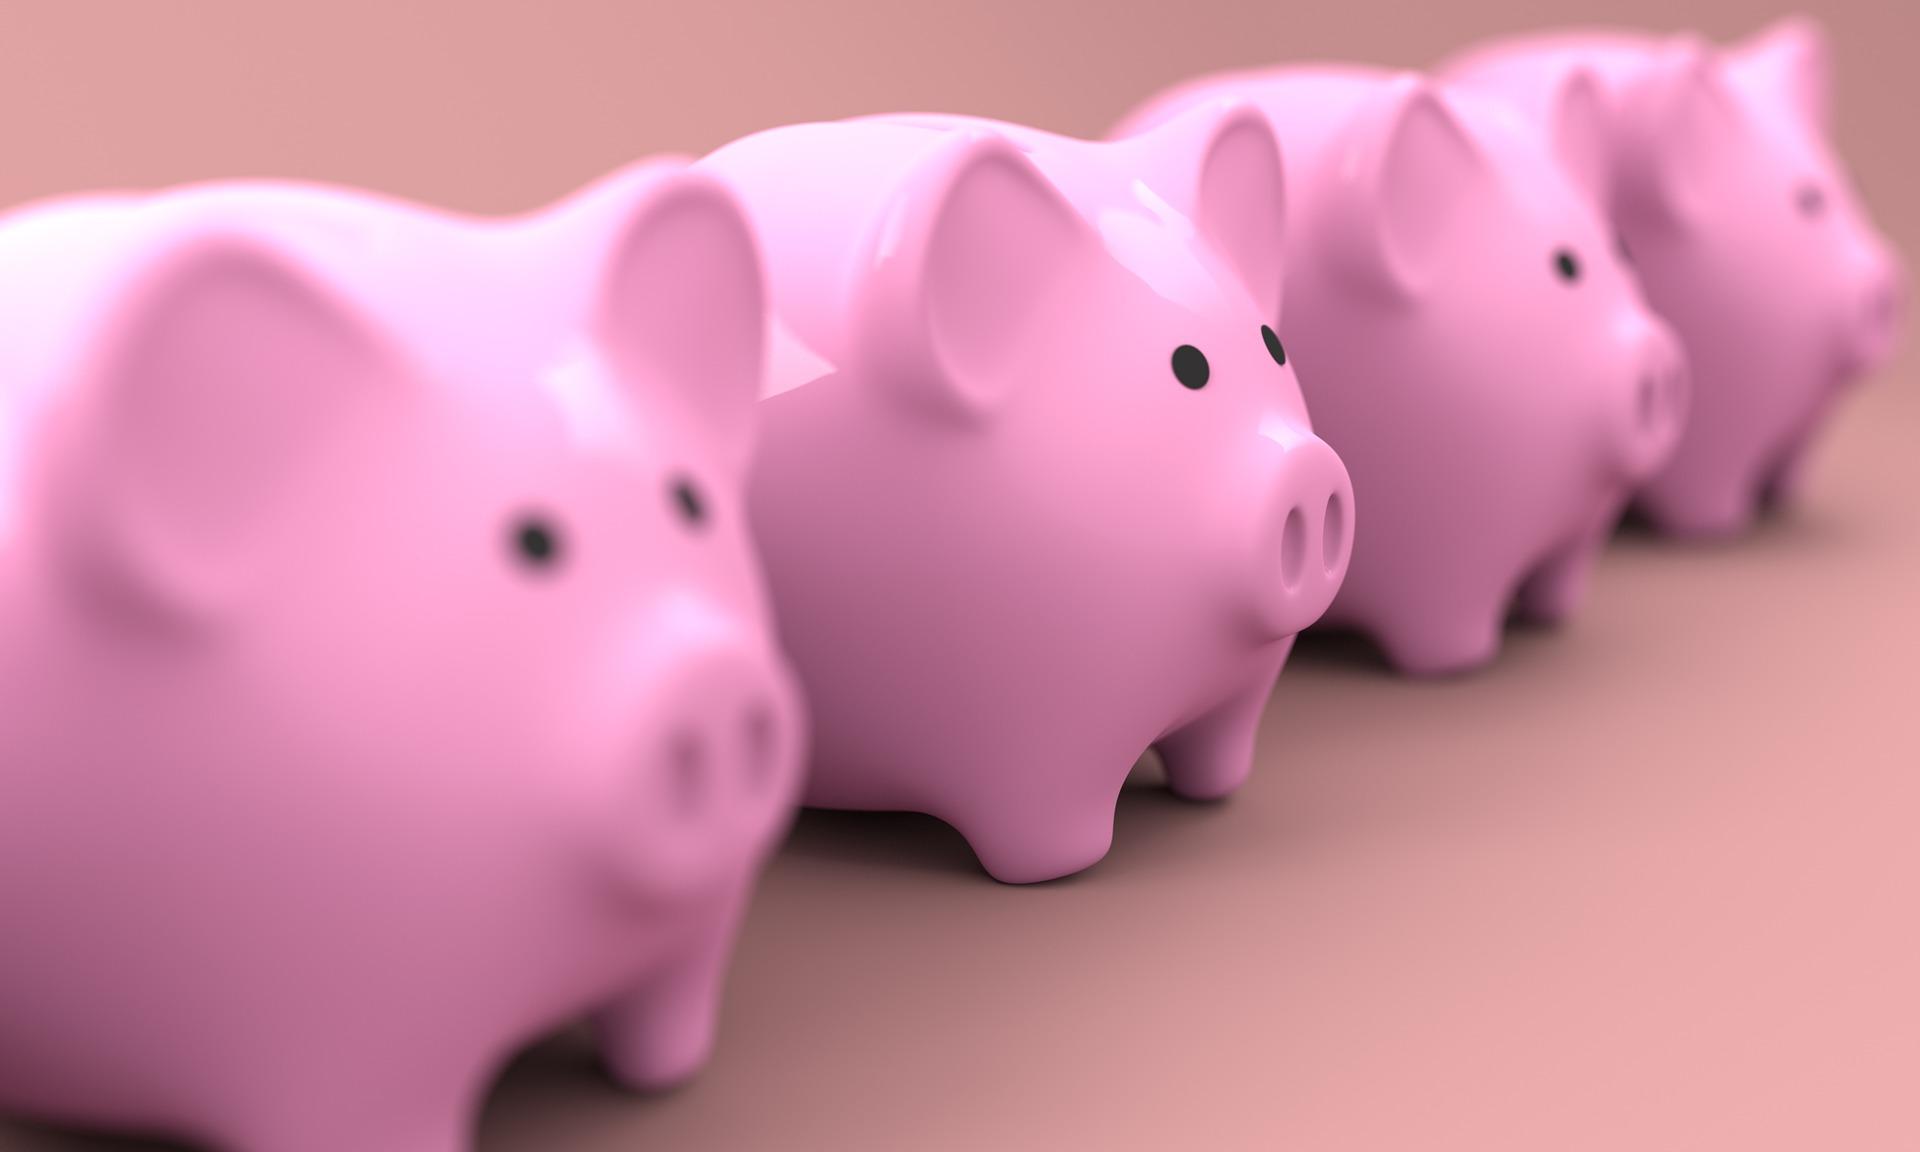 Millionär werden: 10 Wege, wie du es schaffen kannst stinkreich zu werden